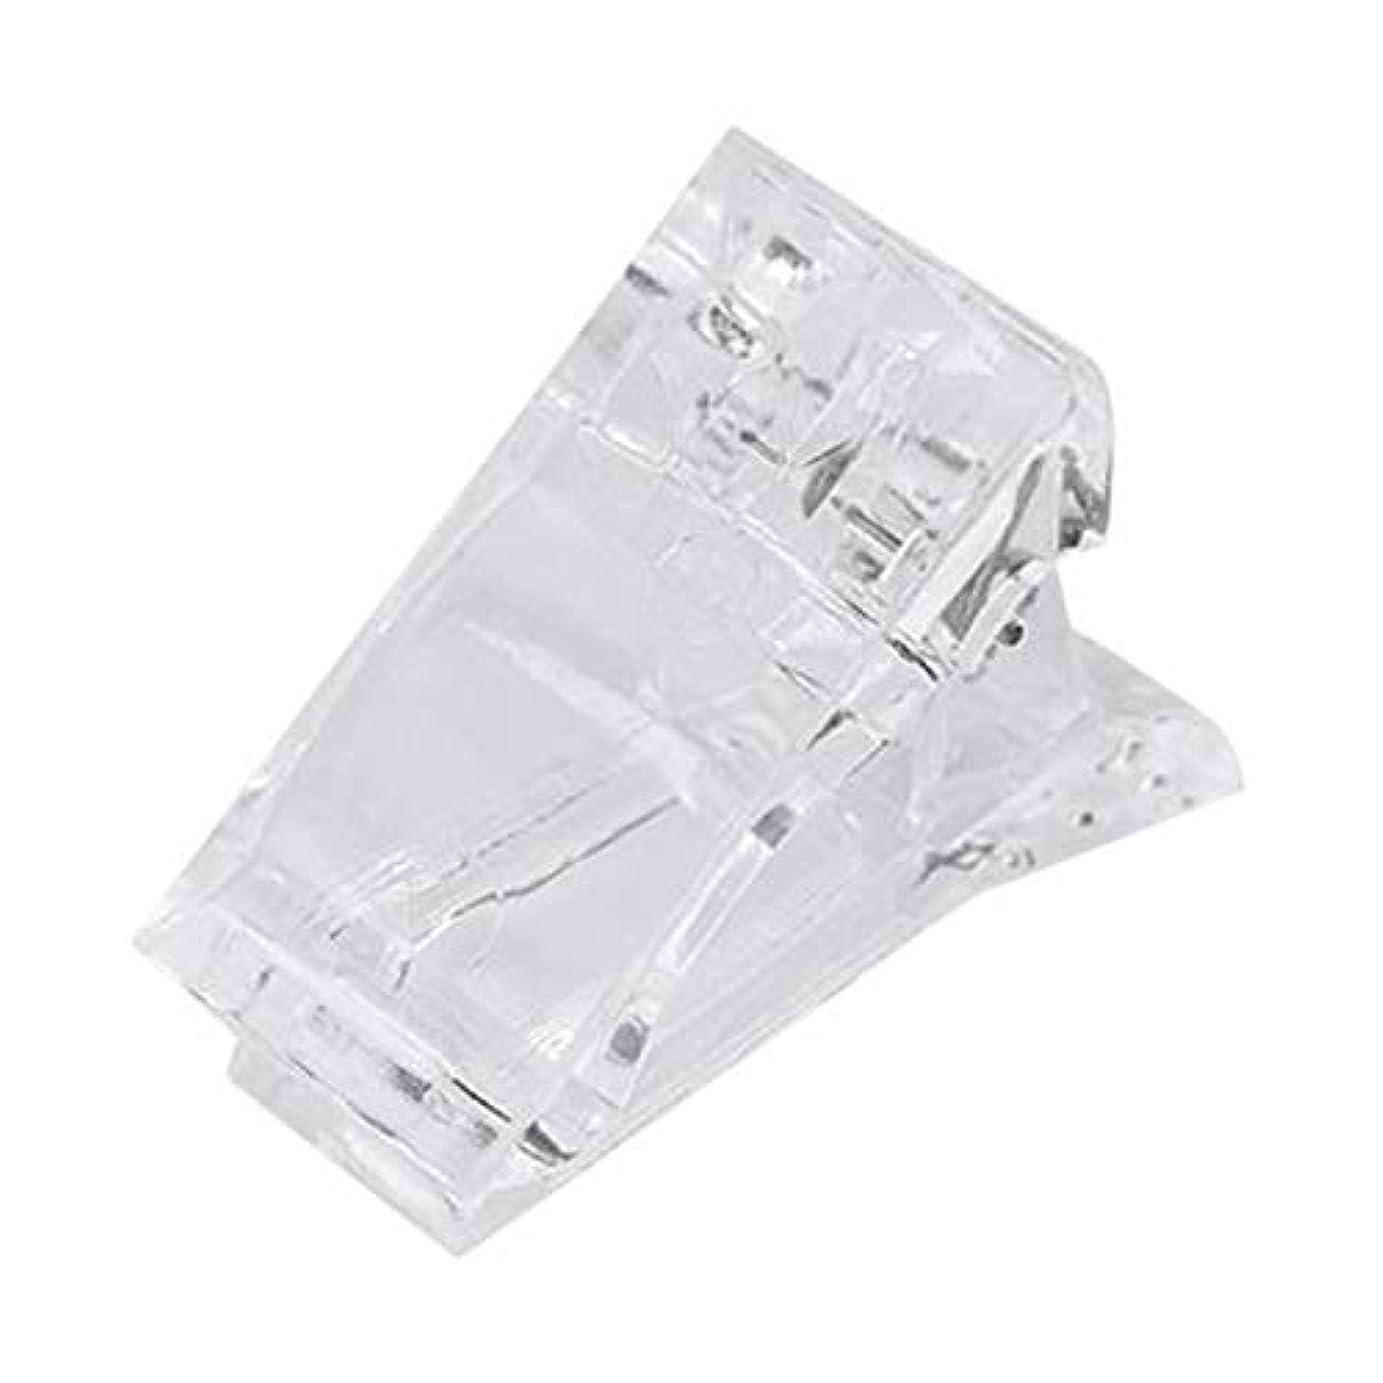 改善する布年齢Vaorwne ネイルのクリップ 透明指ポリクイック ビルディングジェルエクステンション ネイルアート マニキュアツール アクセサリー 偽ネイル